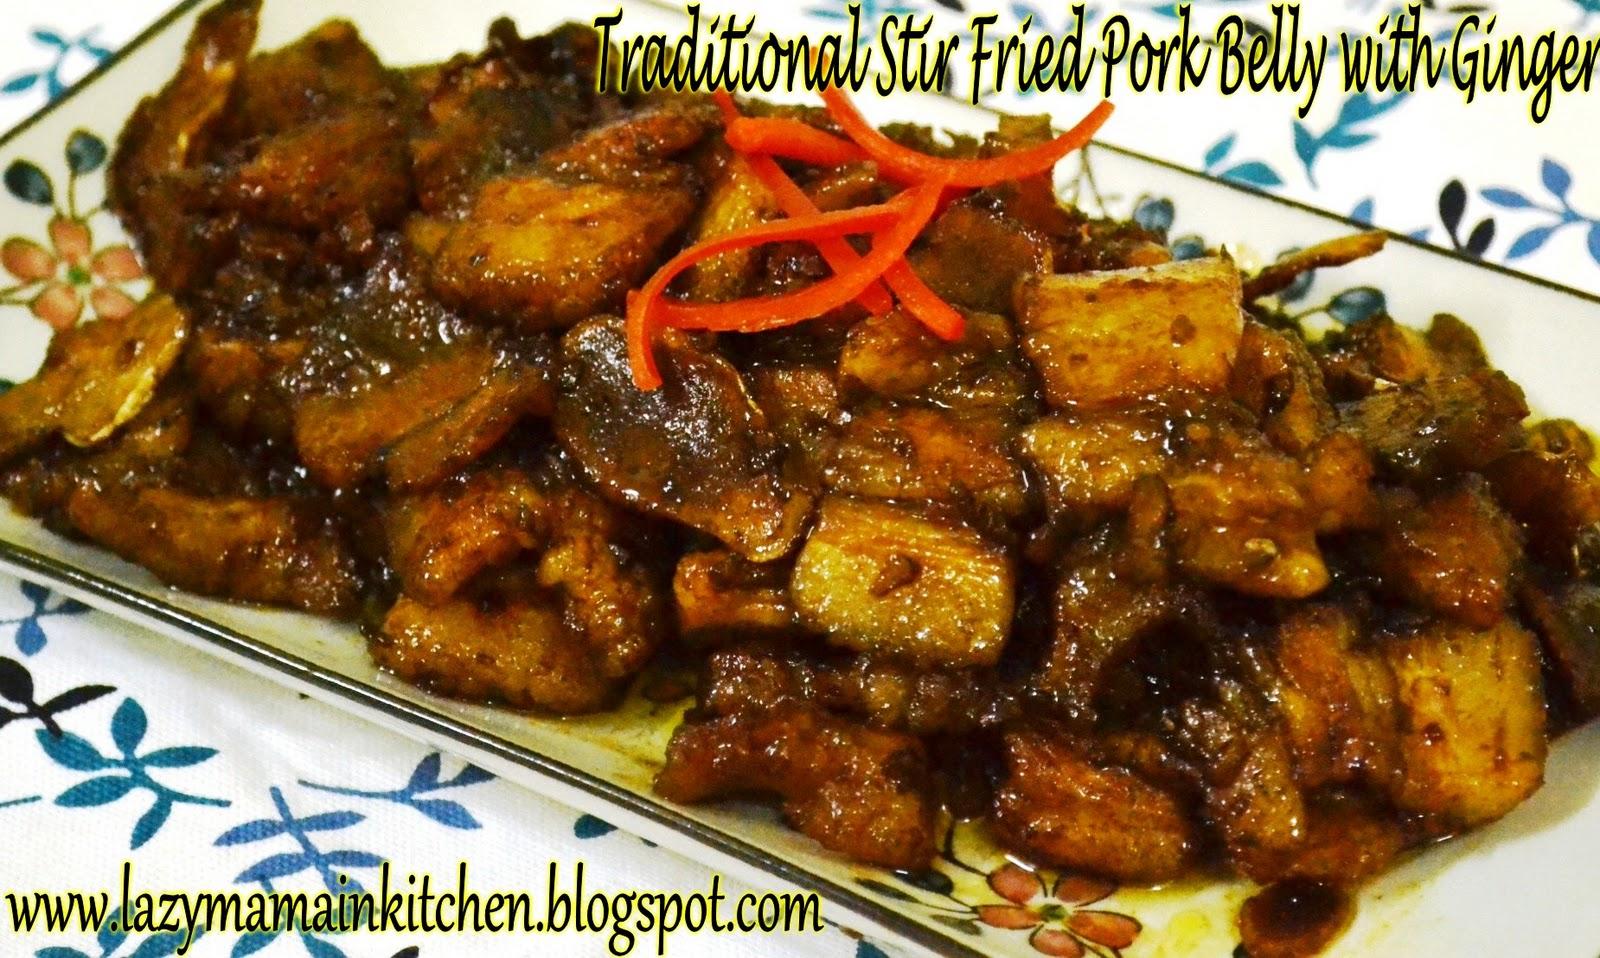 ... pork and peanut stir fry stir fry pork with ginger recipes dishmaps